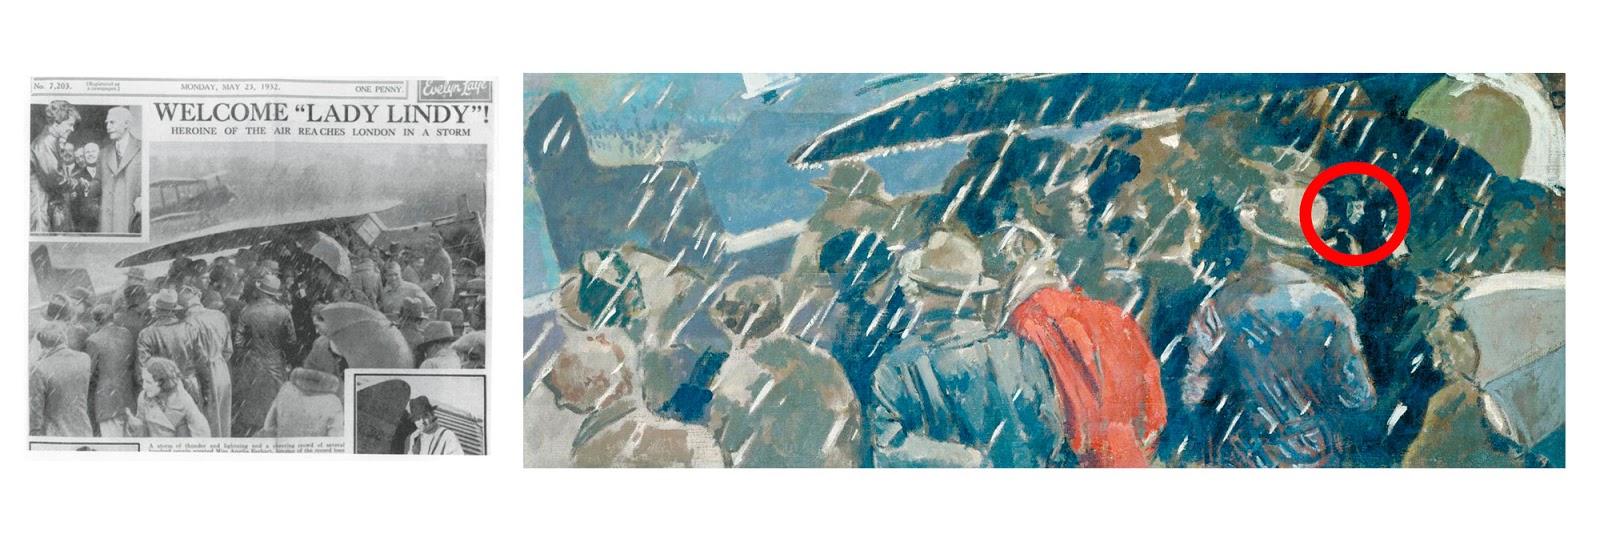 Crónicas de Bellatrix: Walter Sickert: el pintor que nunca fue \